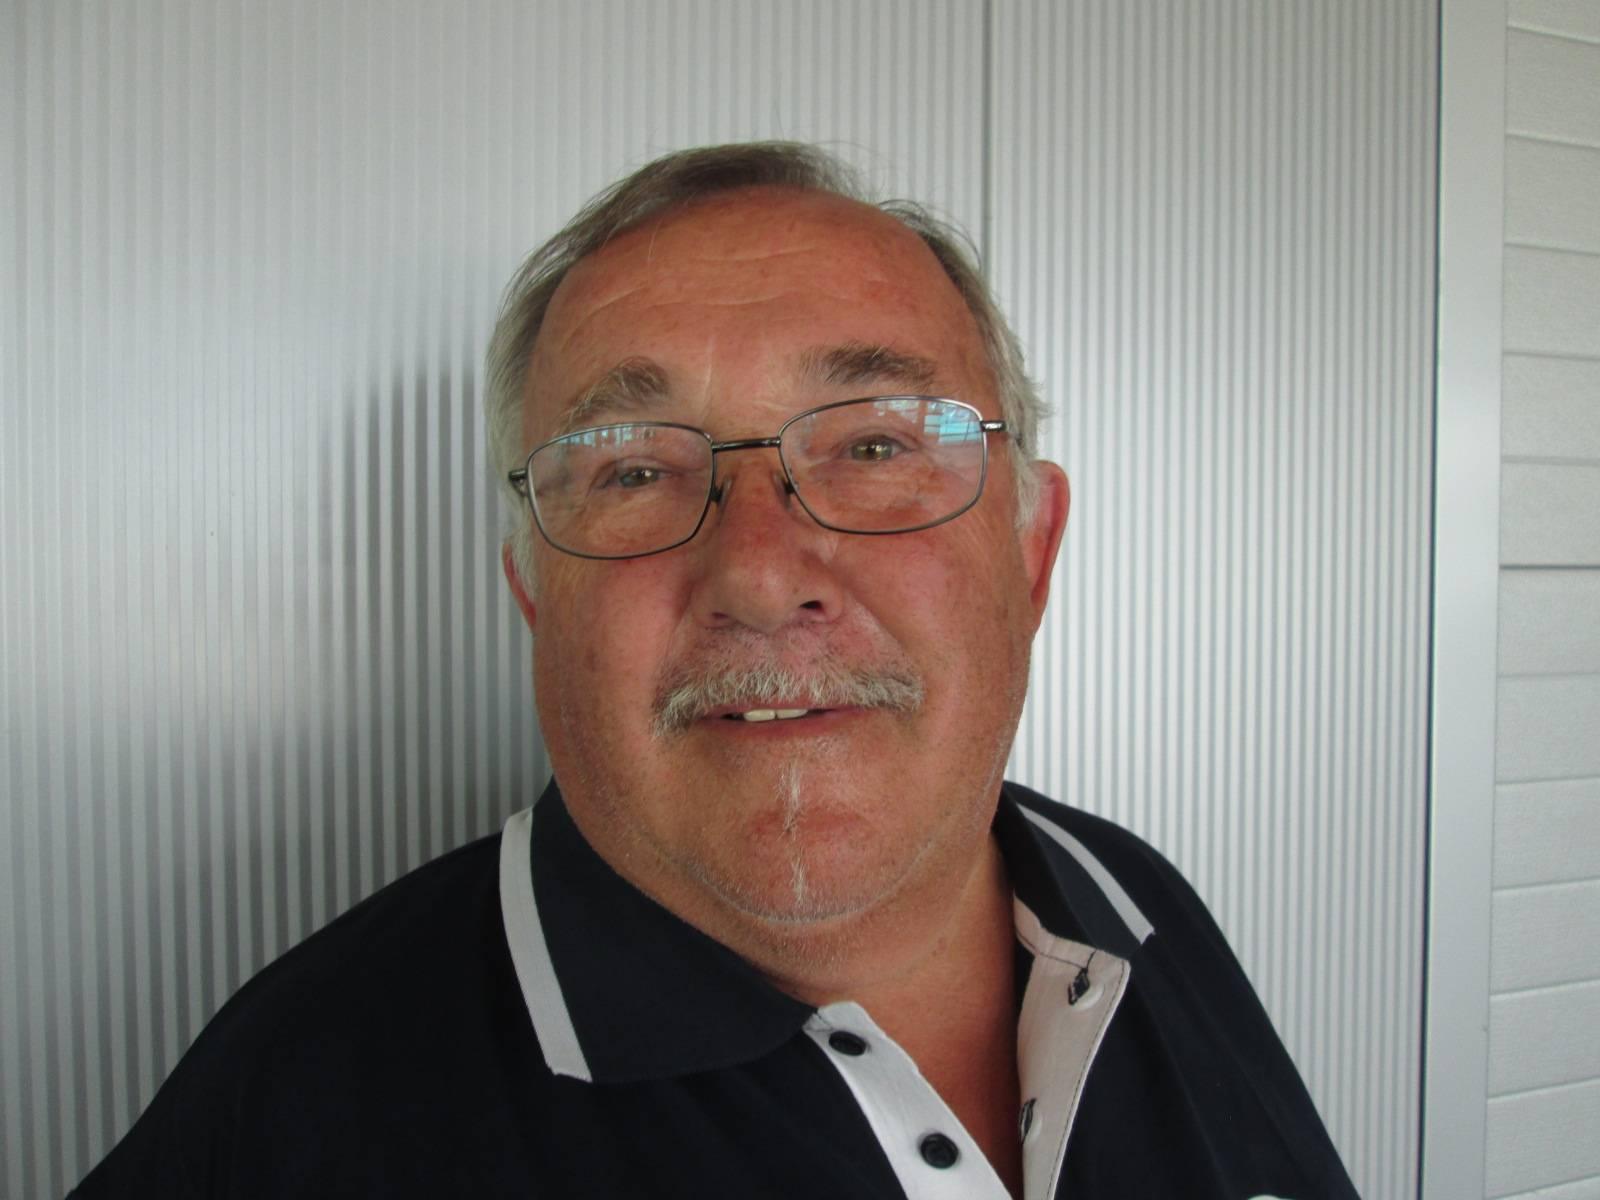 Hubert Kurz